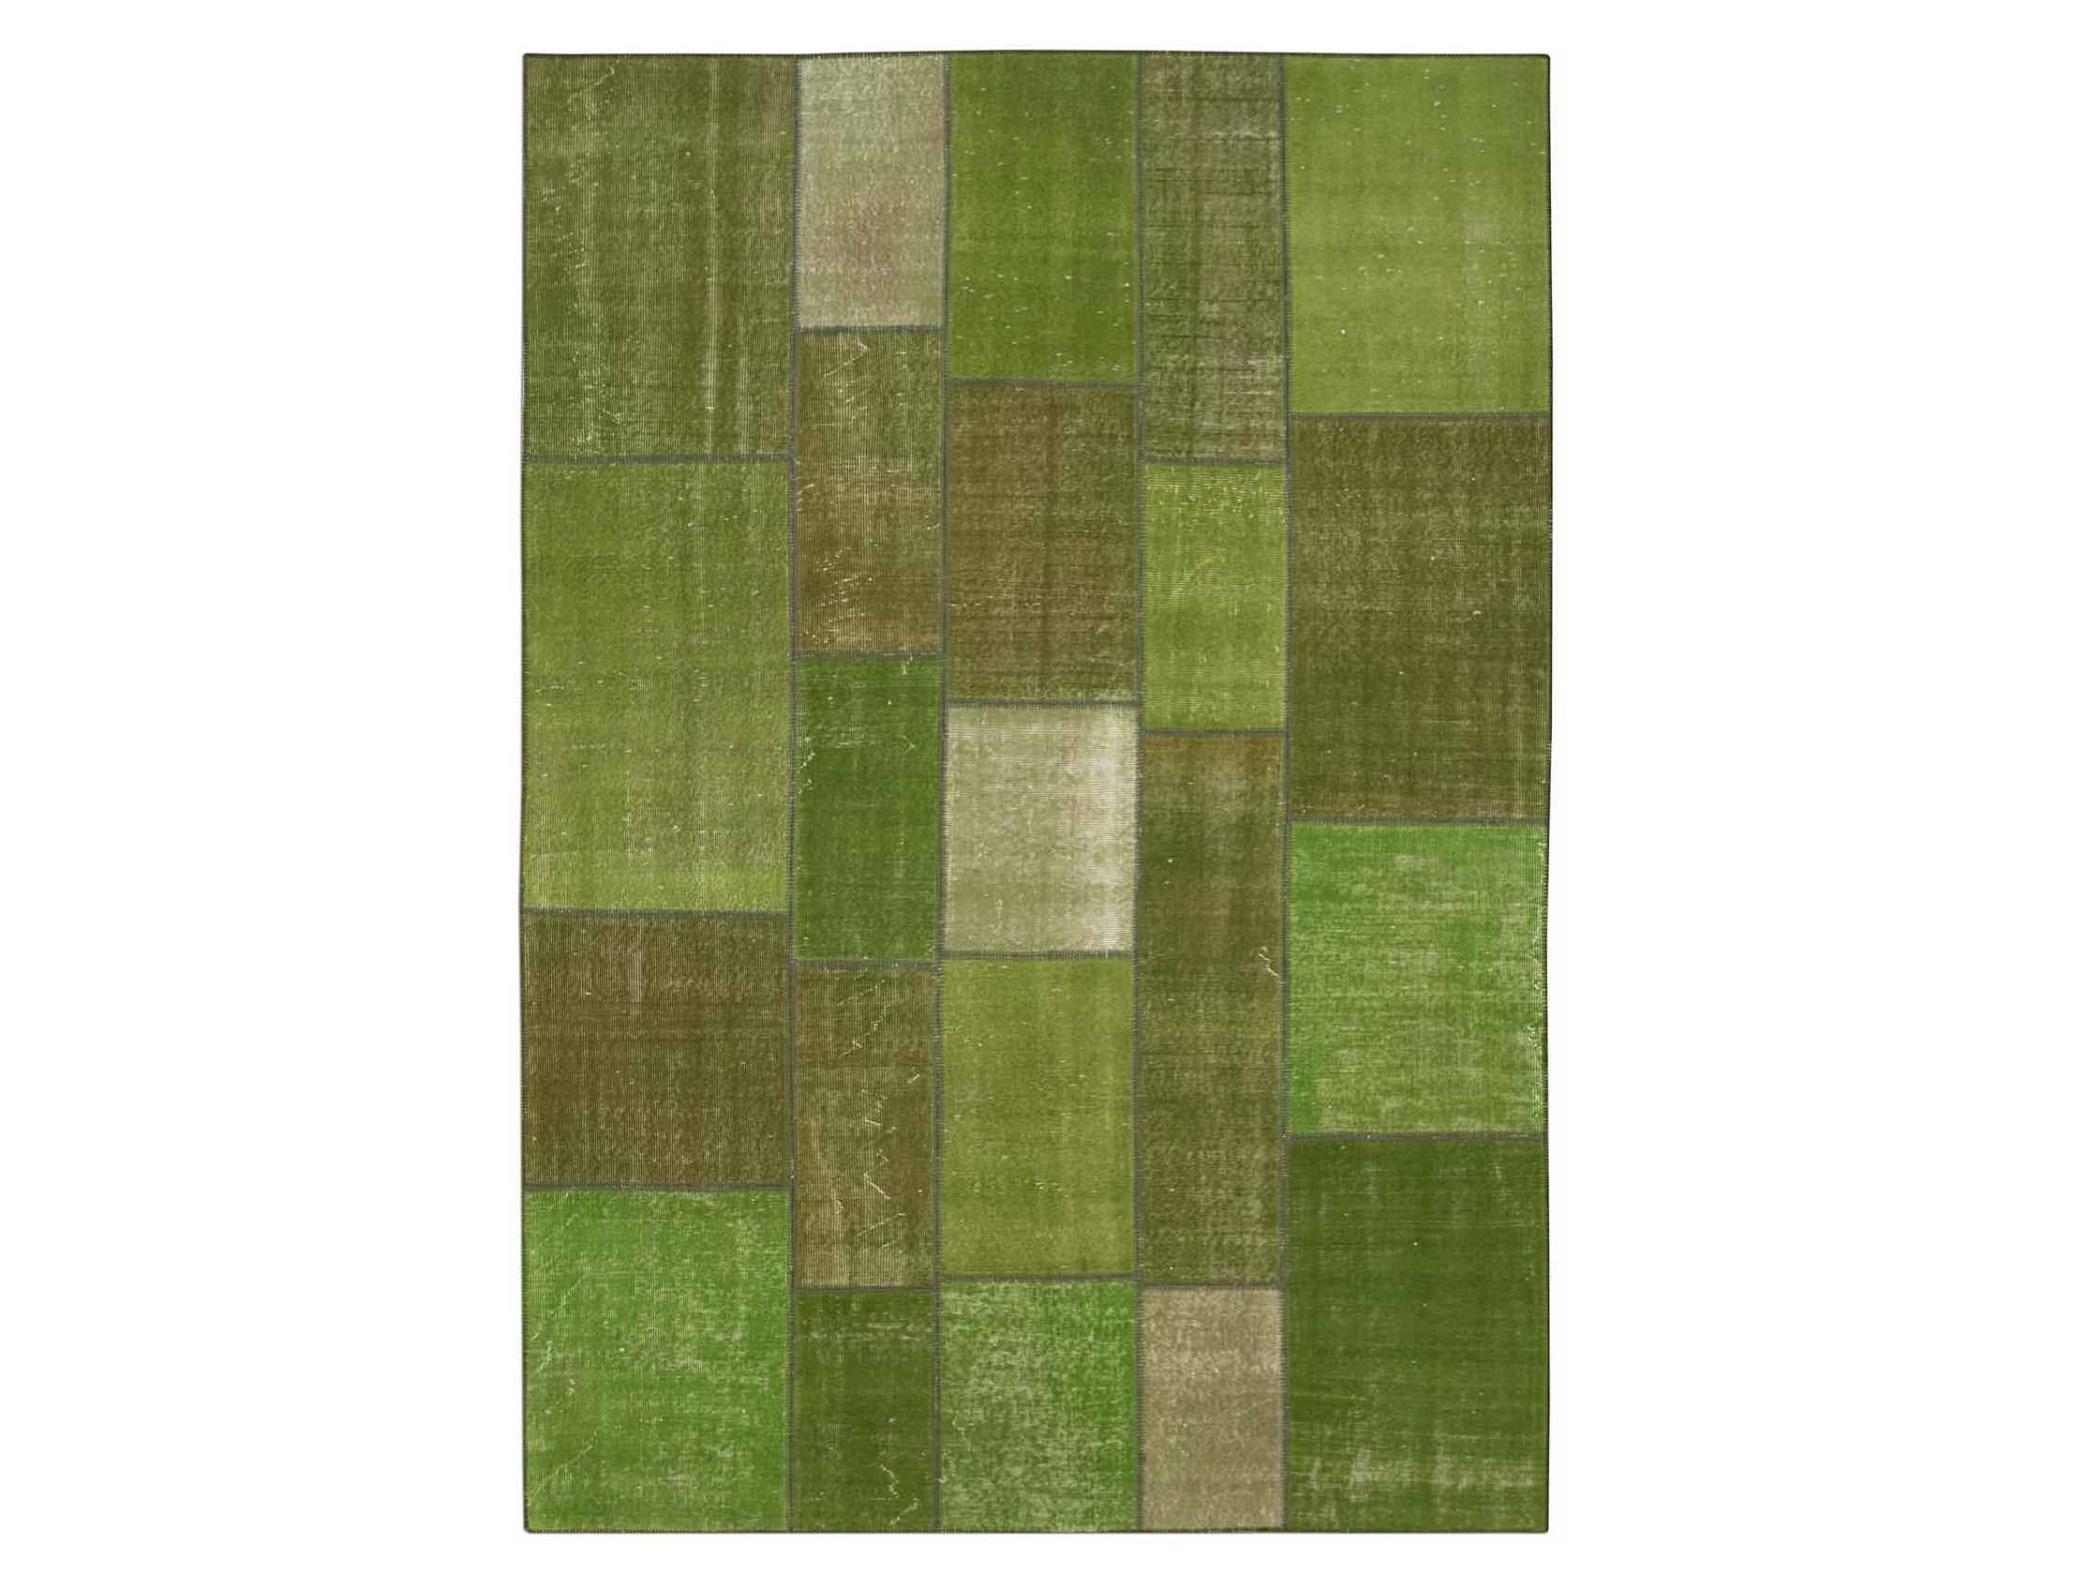 Ковер PatchworkПрямоугольные ковры<br>Винтажный ковер ручной работы в стиле &amp;quot;пэчворк&amp;quot; <br>из 100% шерсти. Ковер прекрасно подходит в <br>любые современные и классические интерьеры, <br>а благодаря толщине ковра всего 5 мм и отсутствию <br>ворса, его легко чистить любыми видами пылесосов. <br>Этот настоящий ковер ручной работы не потеряет <br>своих красок и будет служить десятилетия.<br><br>Material: Шерсть<br>Width см: 192<br>Depth см: 282